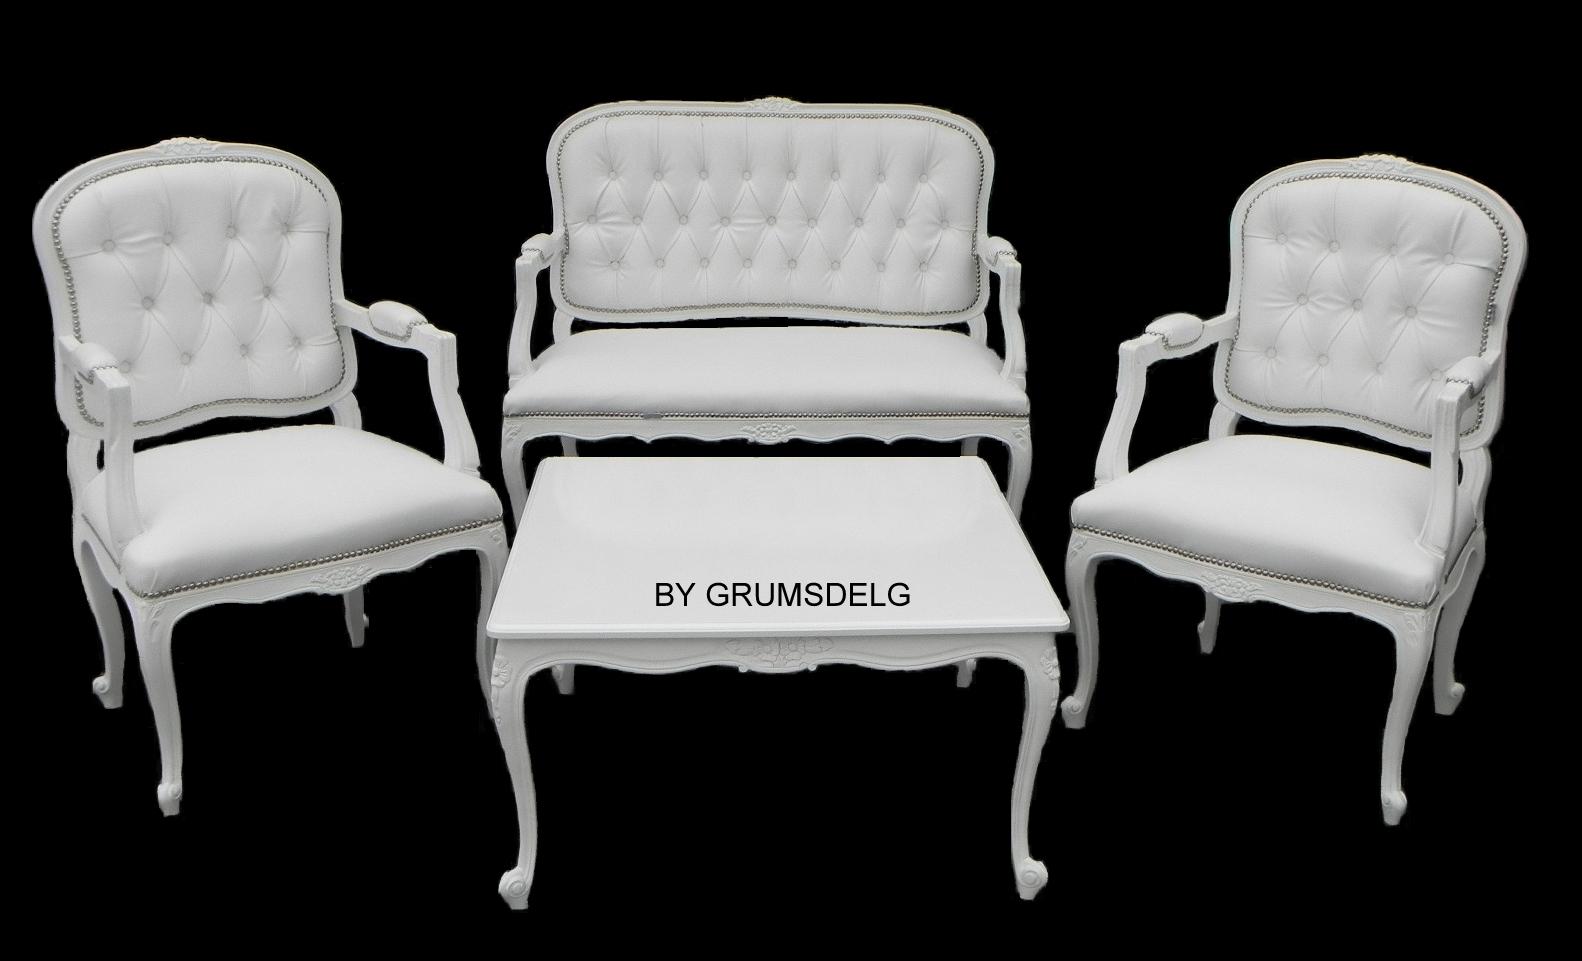 Grumsdelg interiores living luis xv ideal para decoraci n for Tresillos modernos